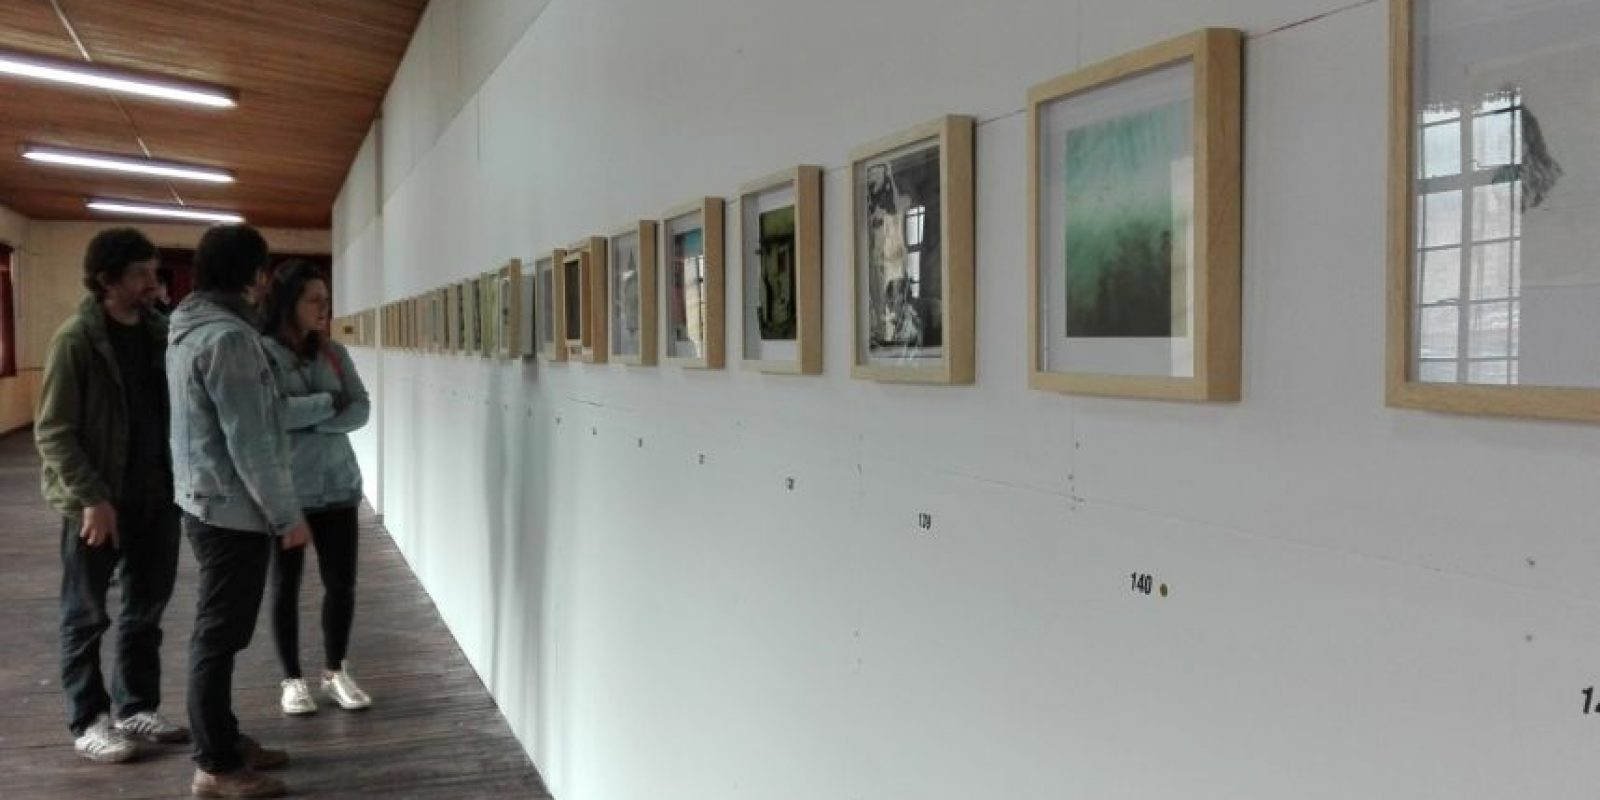 La Garza fuye la exposición que sirvió para recolectar dinero y poner a funcionar el tema Foto:Cortesía Alcaldía Local de Santa Fe